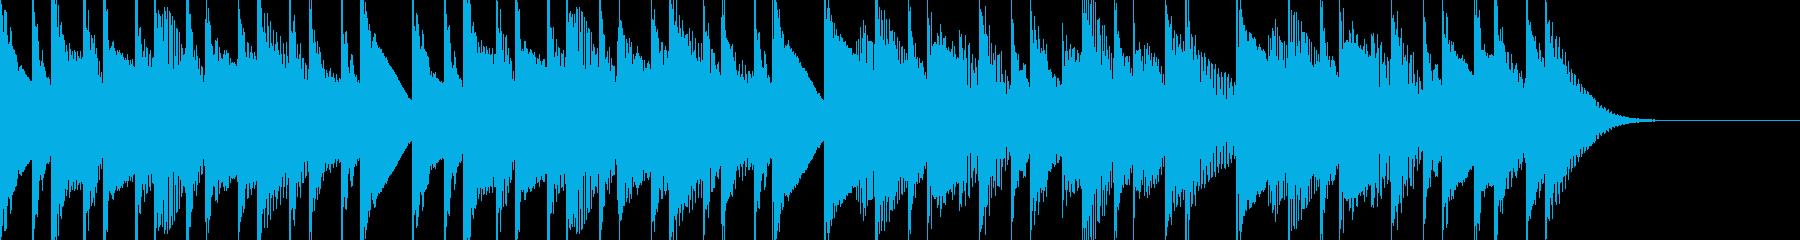 シンプルで可愛いマリンバのジングルの再生済みの波形